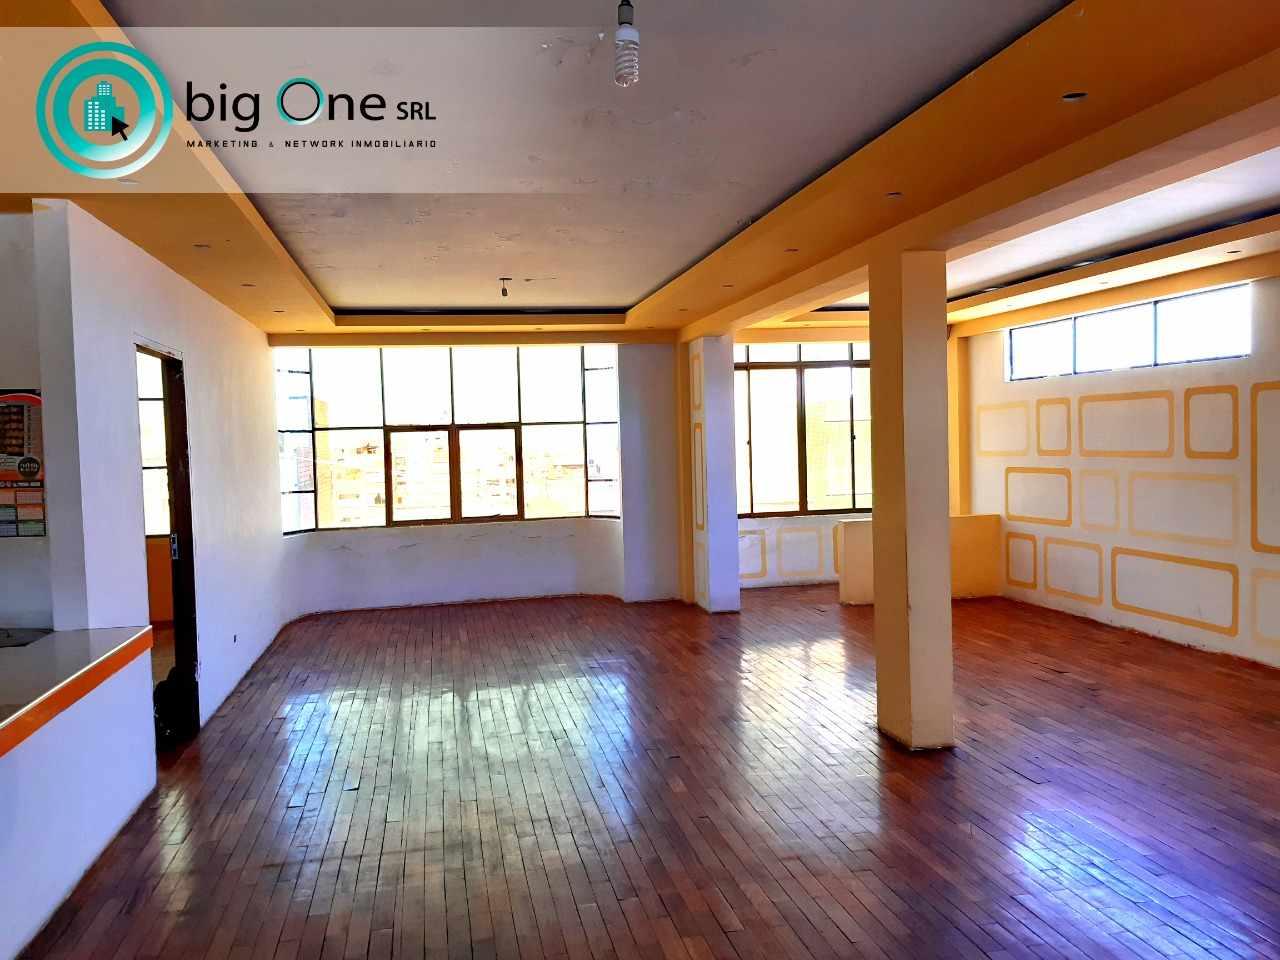 Edificio en Venta Avenida 16 de julio #51 –entre avenida La Paz y calle Catacora Foto 5